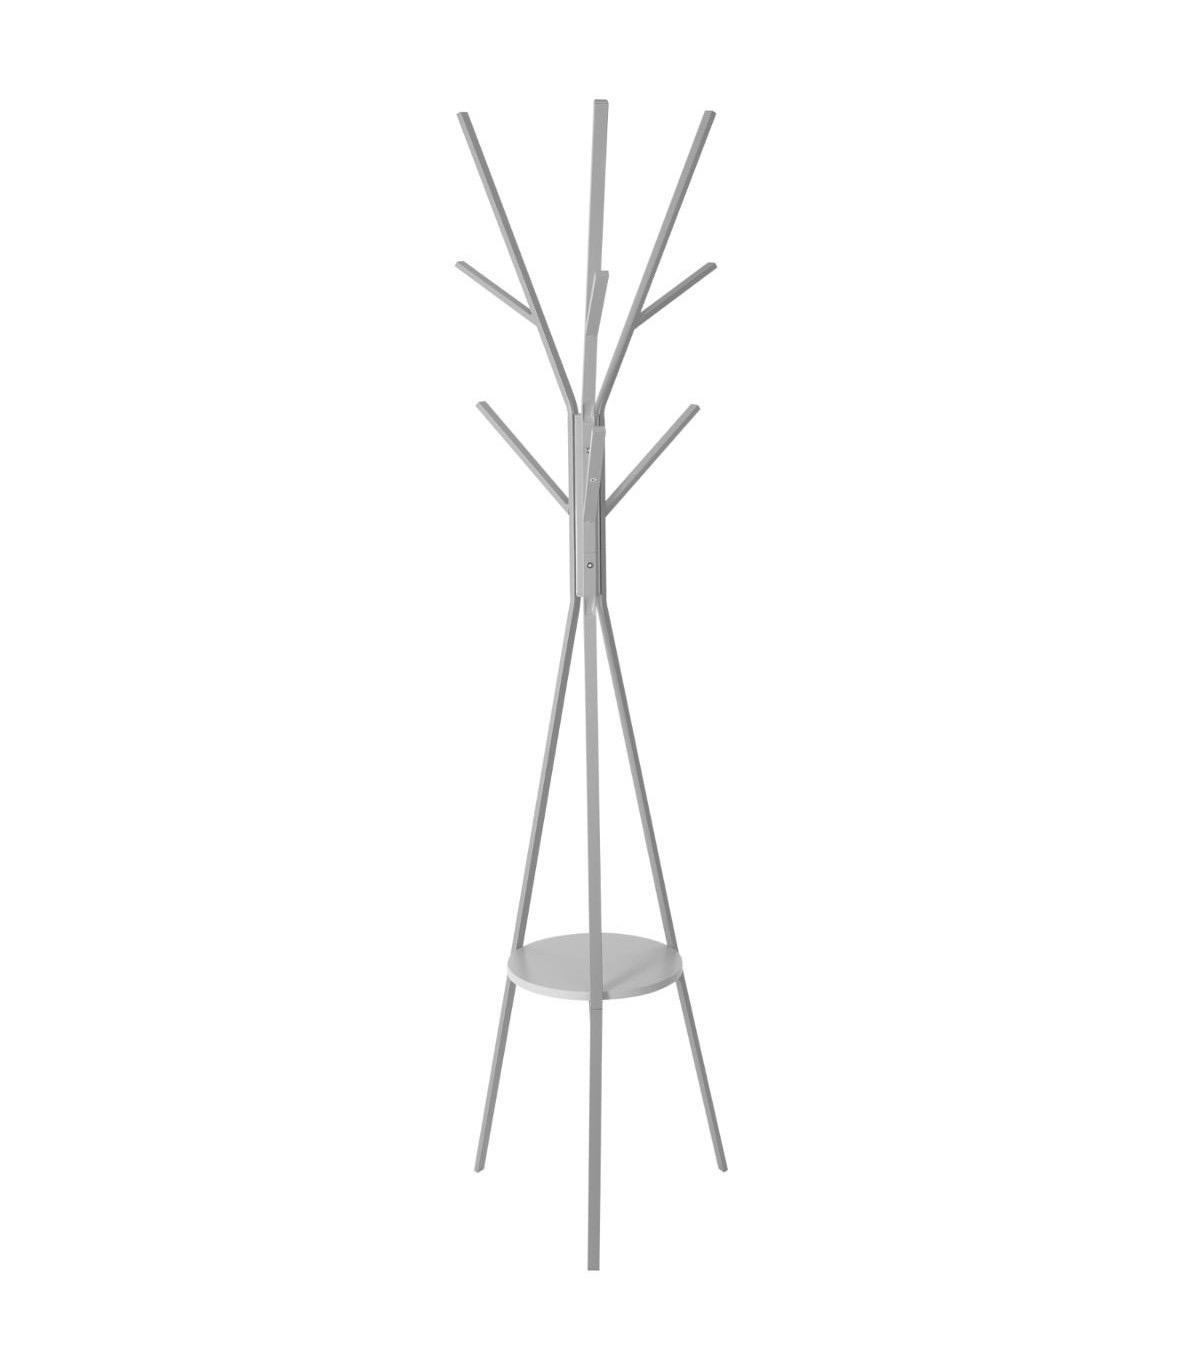 Porte-manteaux en bois et métal 9 crochets GRIS